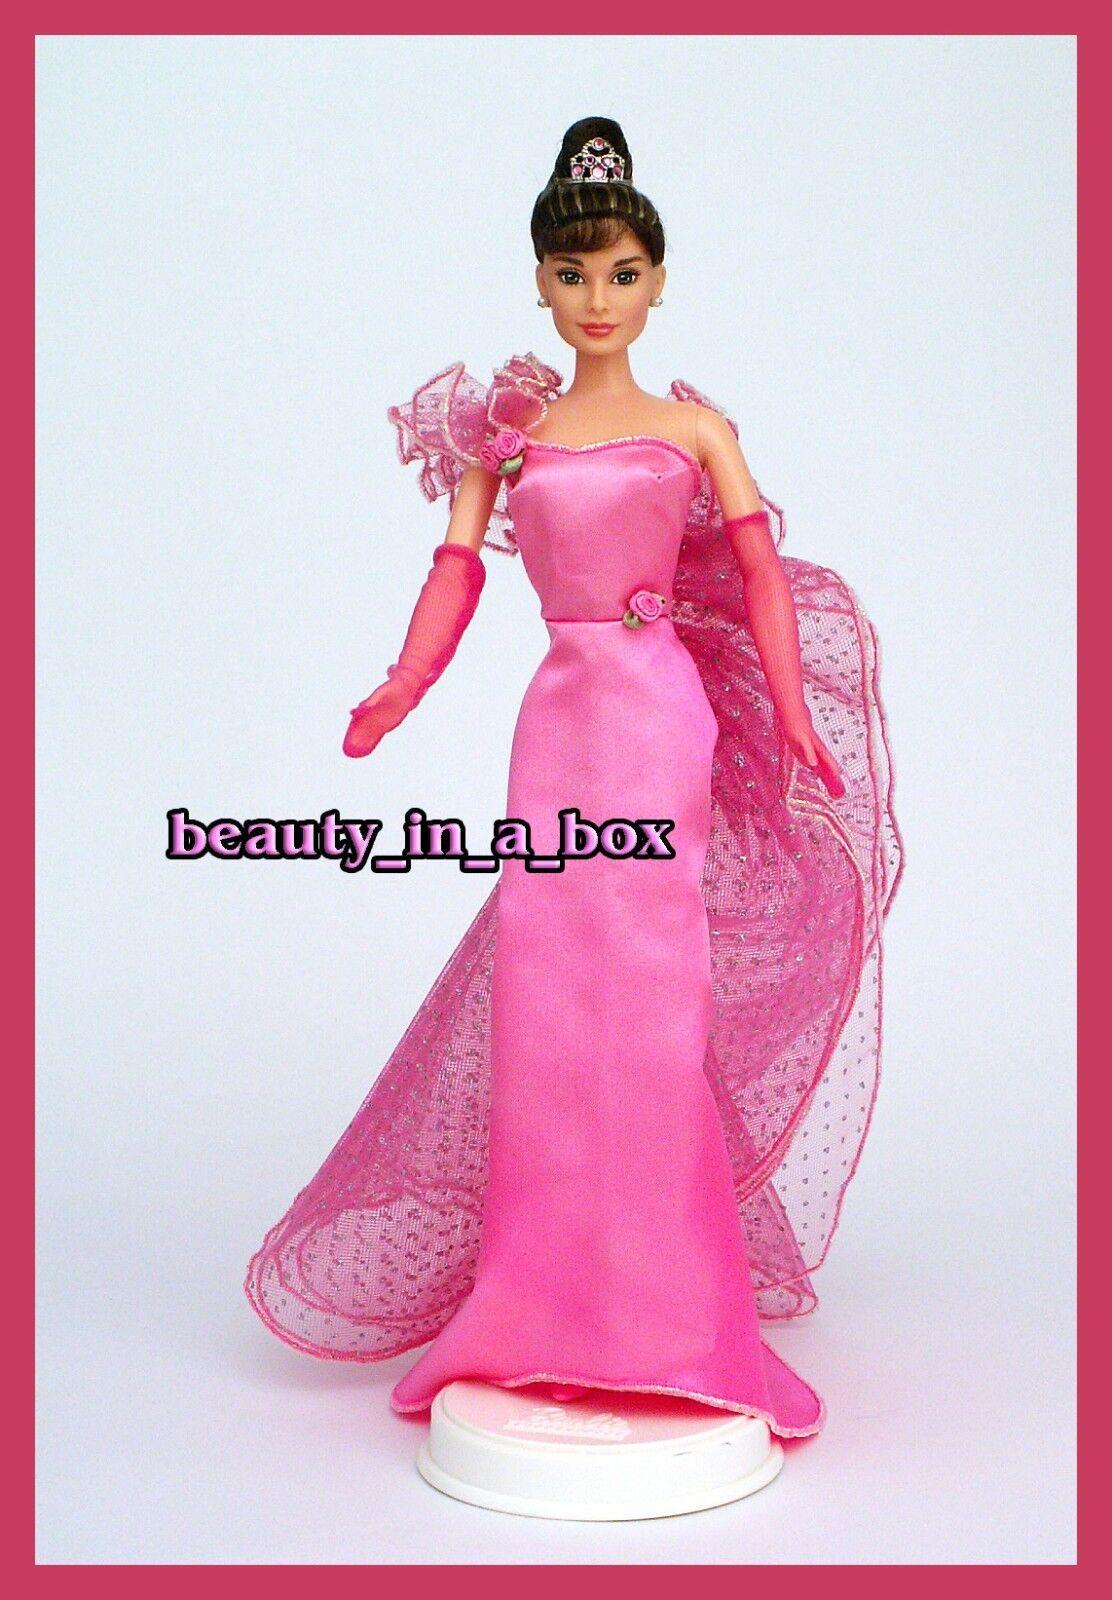 Audrey Hepburn Muñeca Barbie Vestido De Satén rosado uno de una clase de celebridades Reparación Tiara Sin Caja